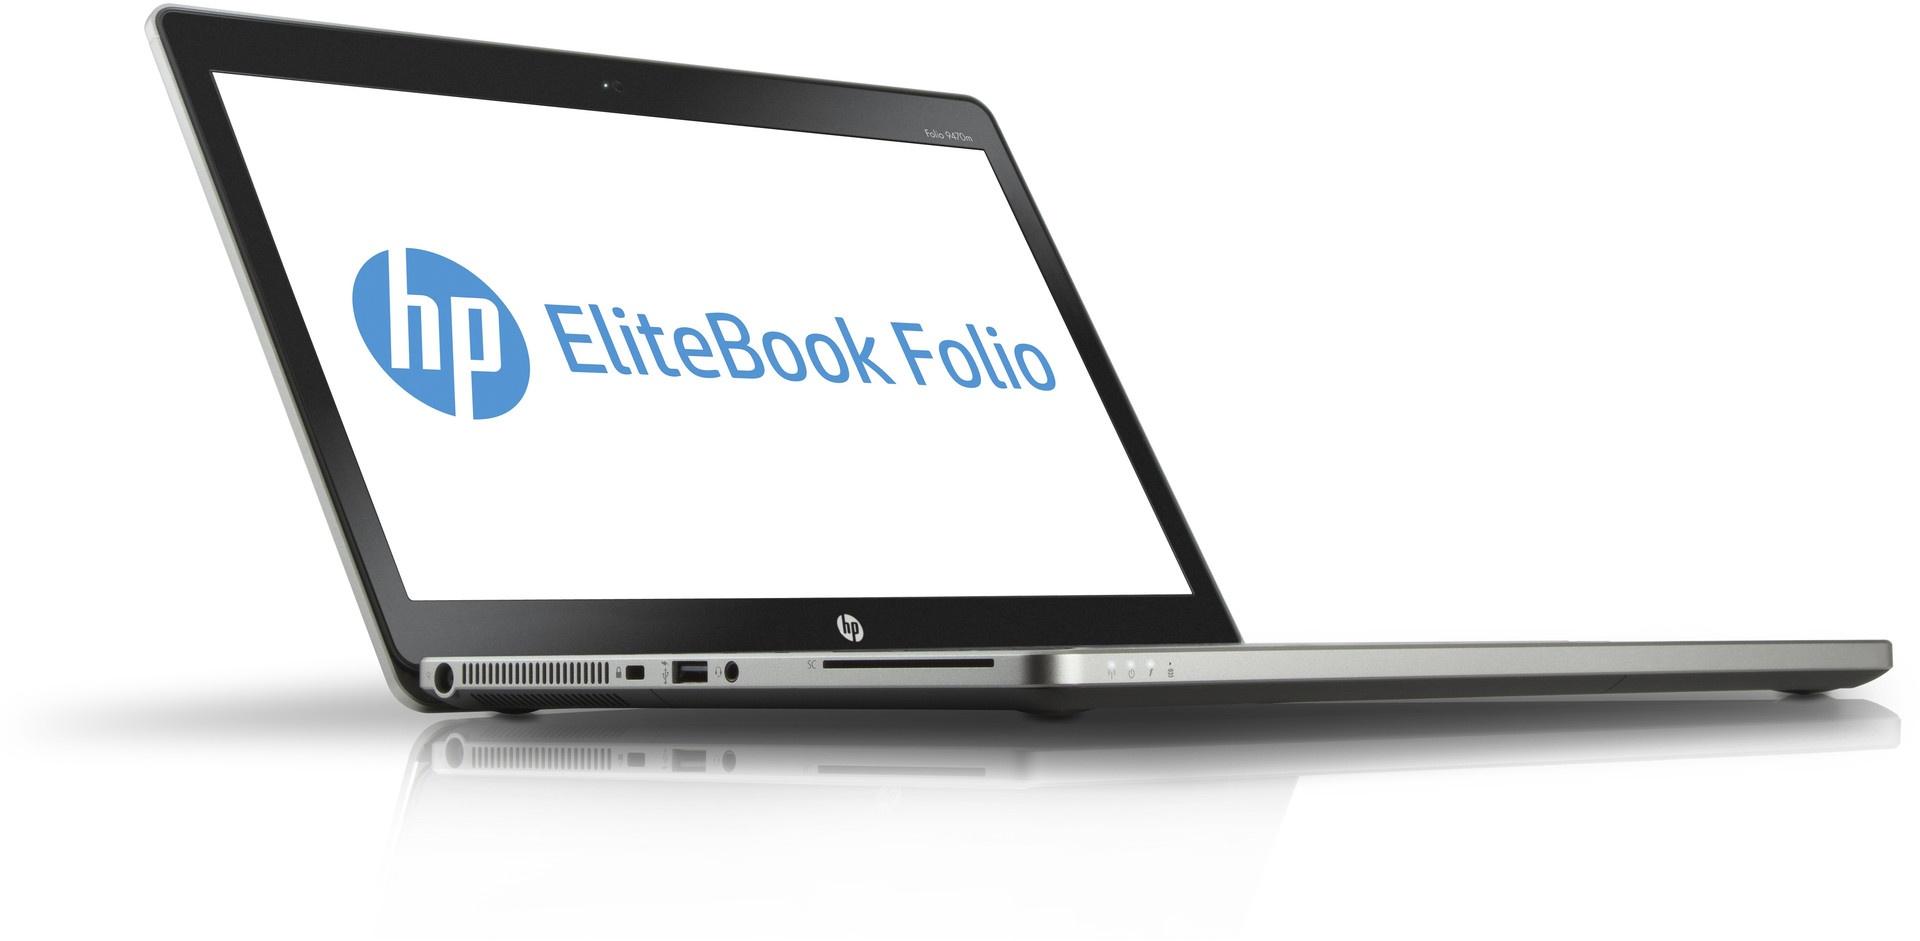 HP Elitebook Folio 9470m WIN10